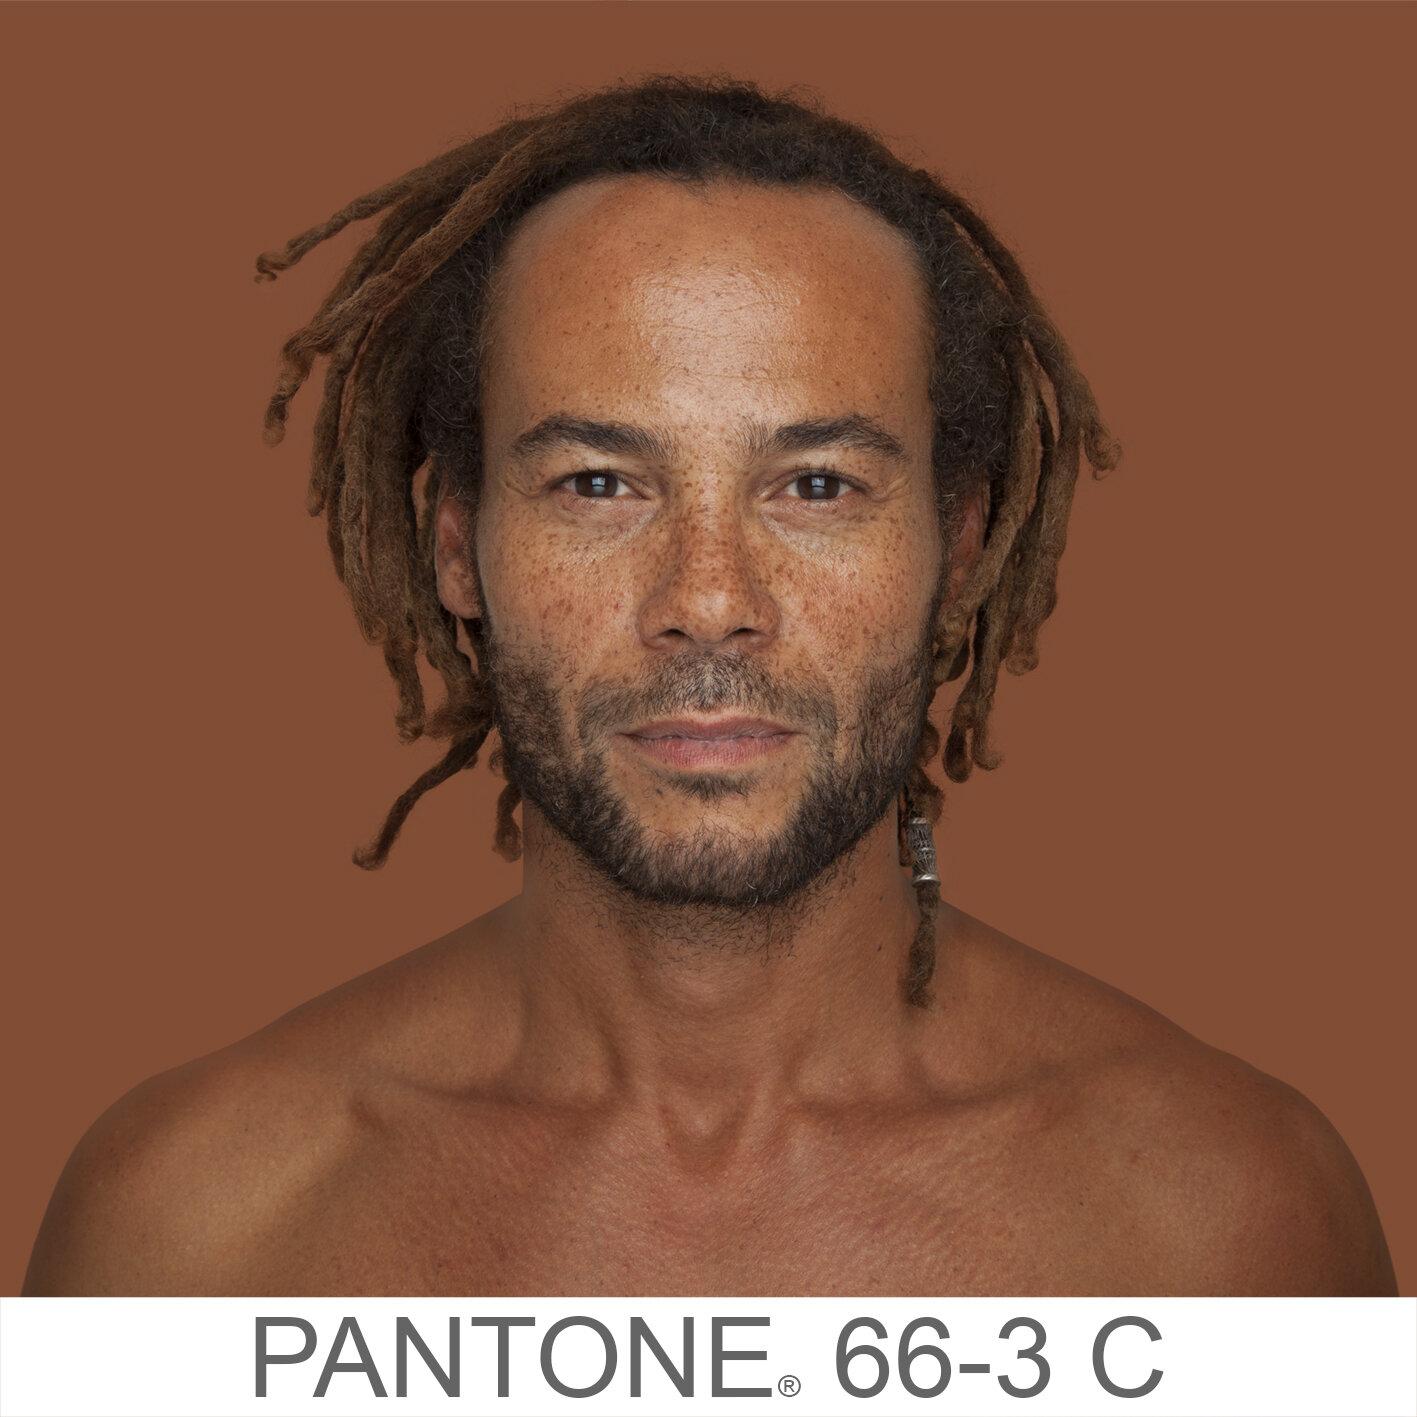 humanae 66-3 C e copia.jpg